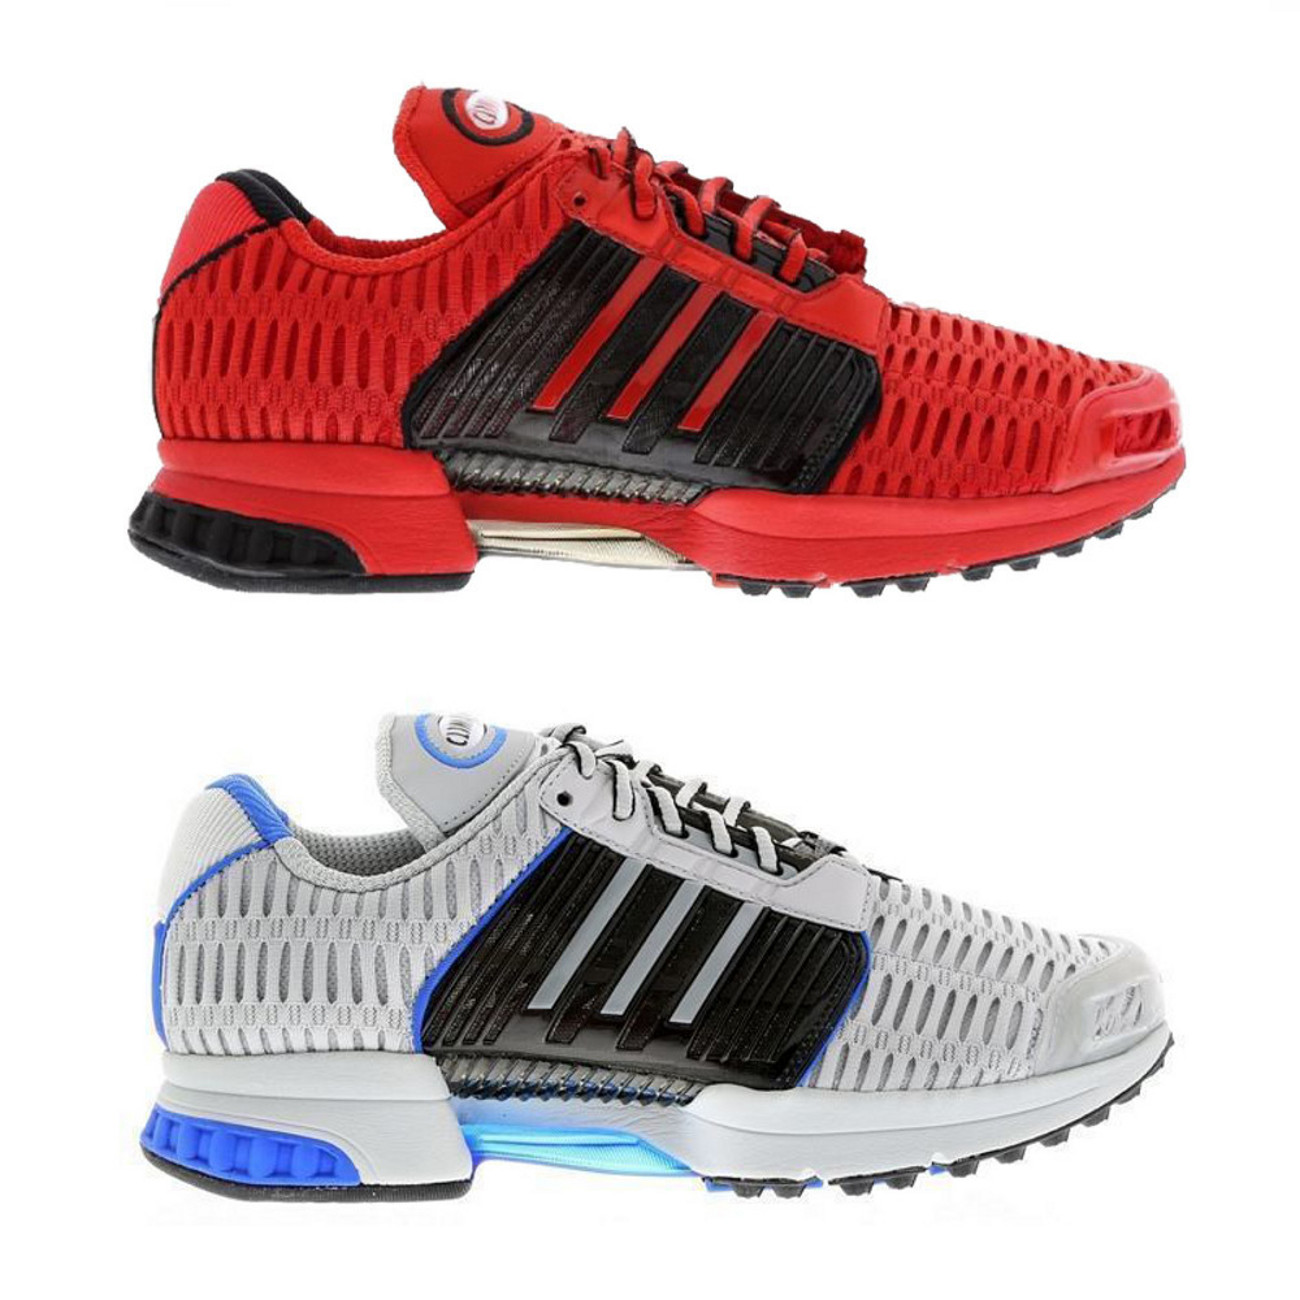 separation shoes b7e2e 83c2a Adidas Originals Climacool 1 Herren Schuhe Laufschuhe Sneaker Sportschuhe